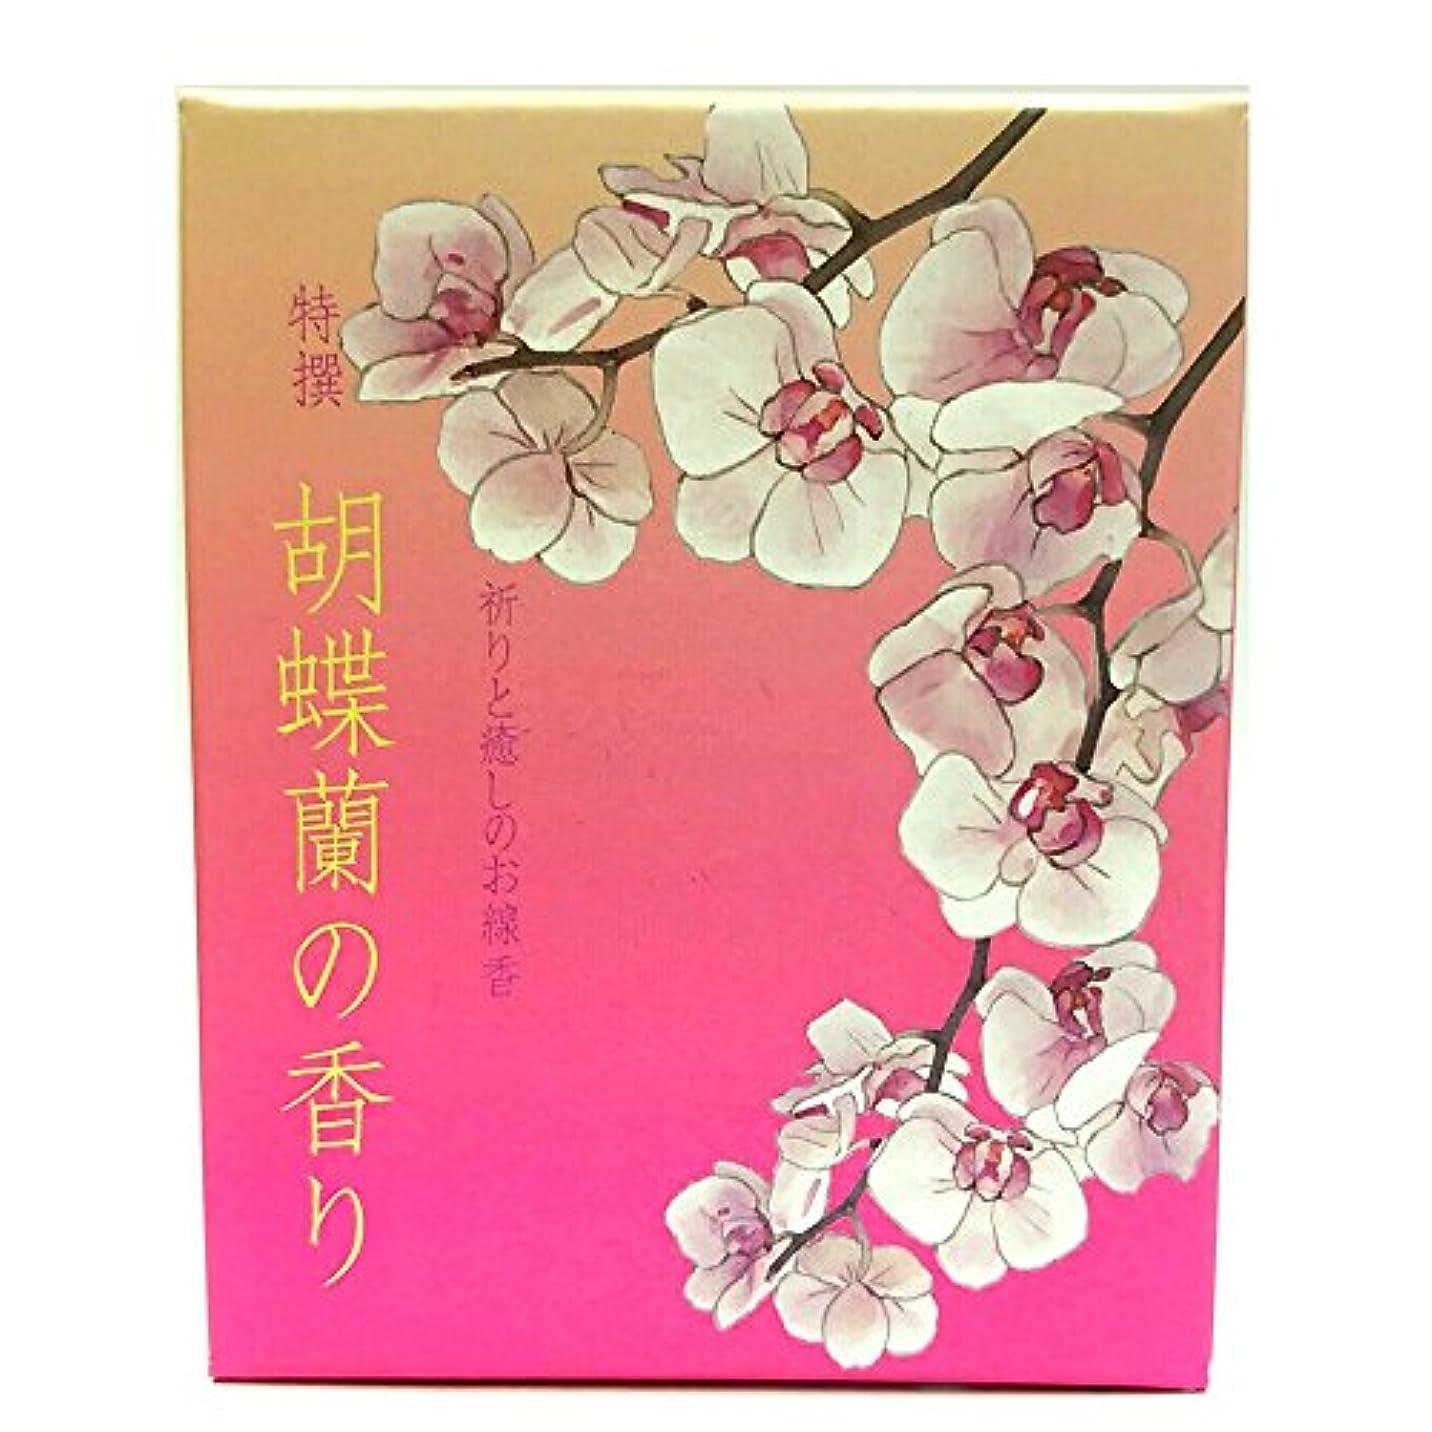 反映するラッドヤードキップリング十二悠々庵 特撰祈りと癒しのお線香 ショート 胡蝶蘭